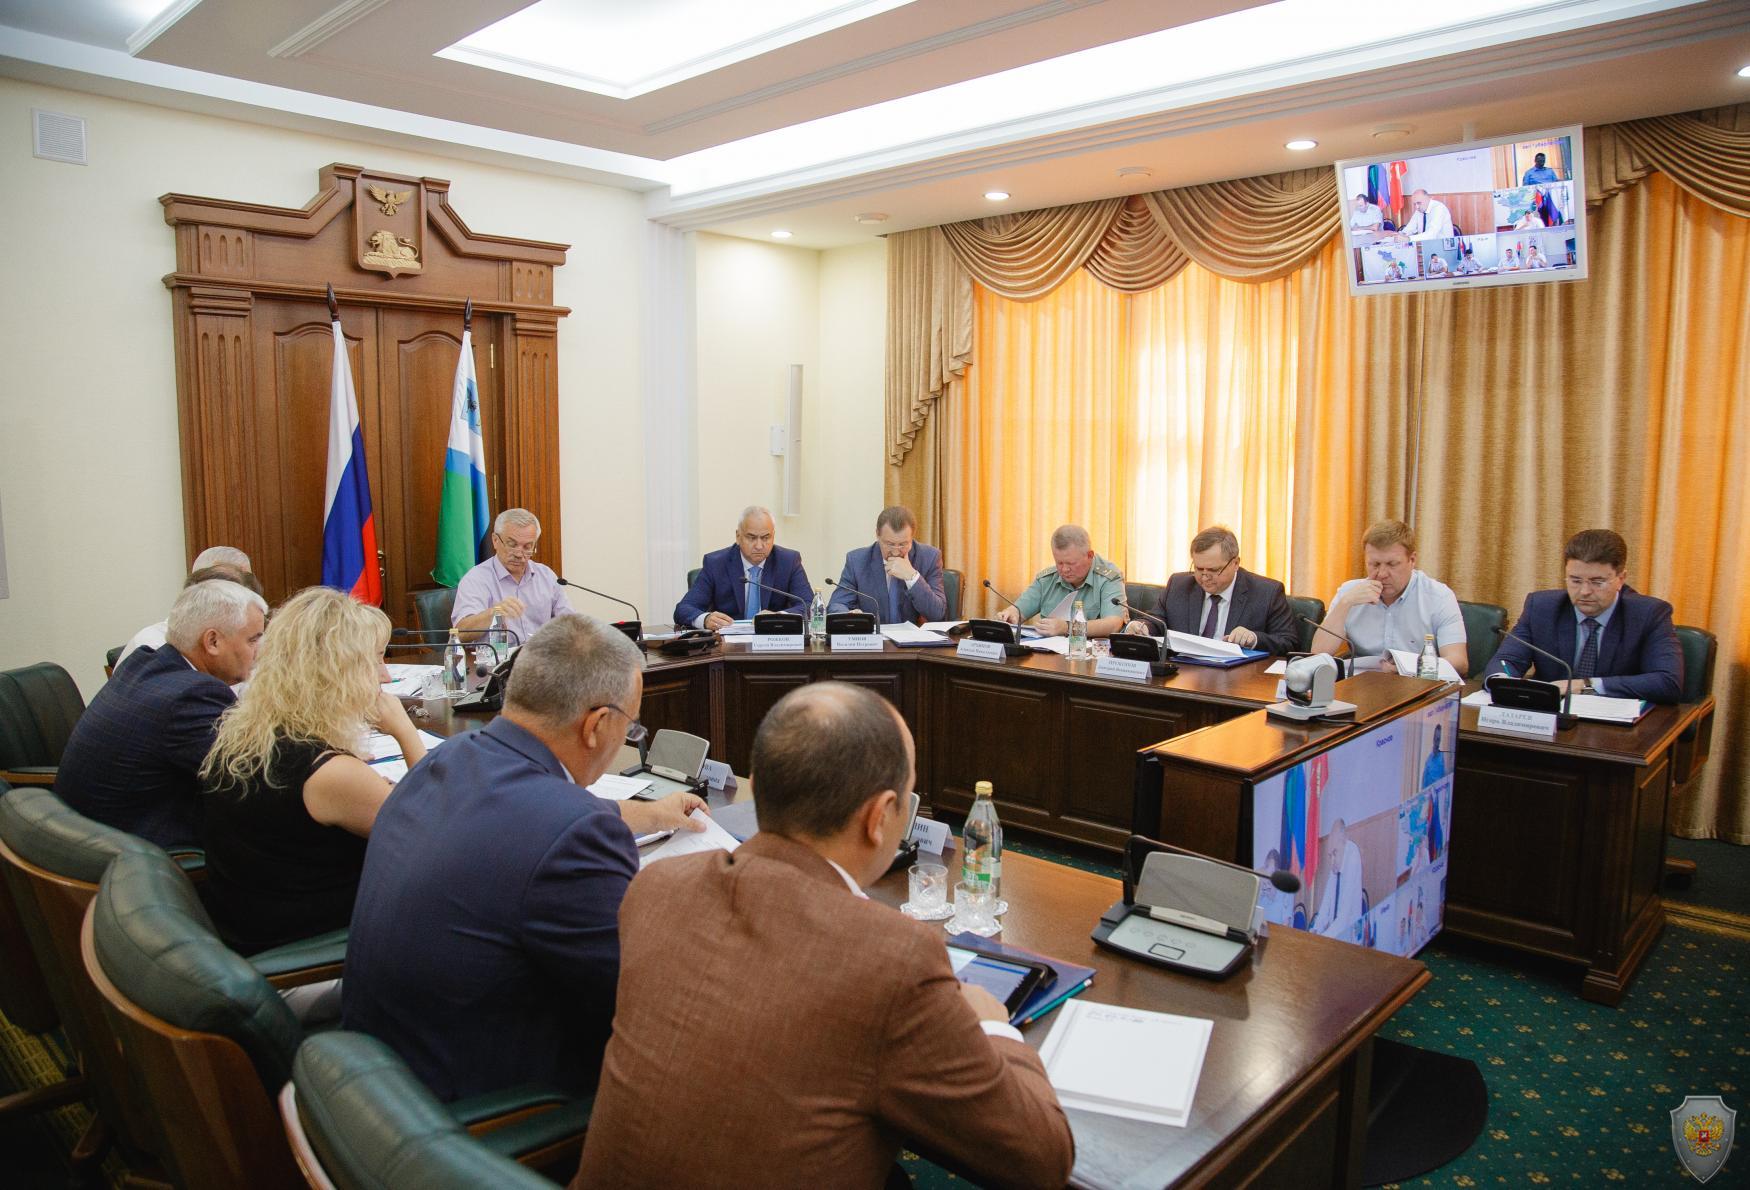 Прошло заседание  антитеррористической комиссии и Оперативного штаба в Белгородской области